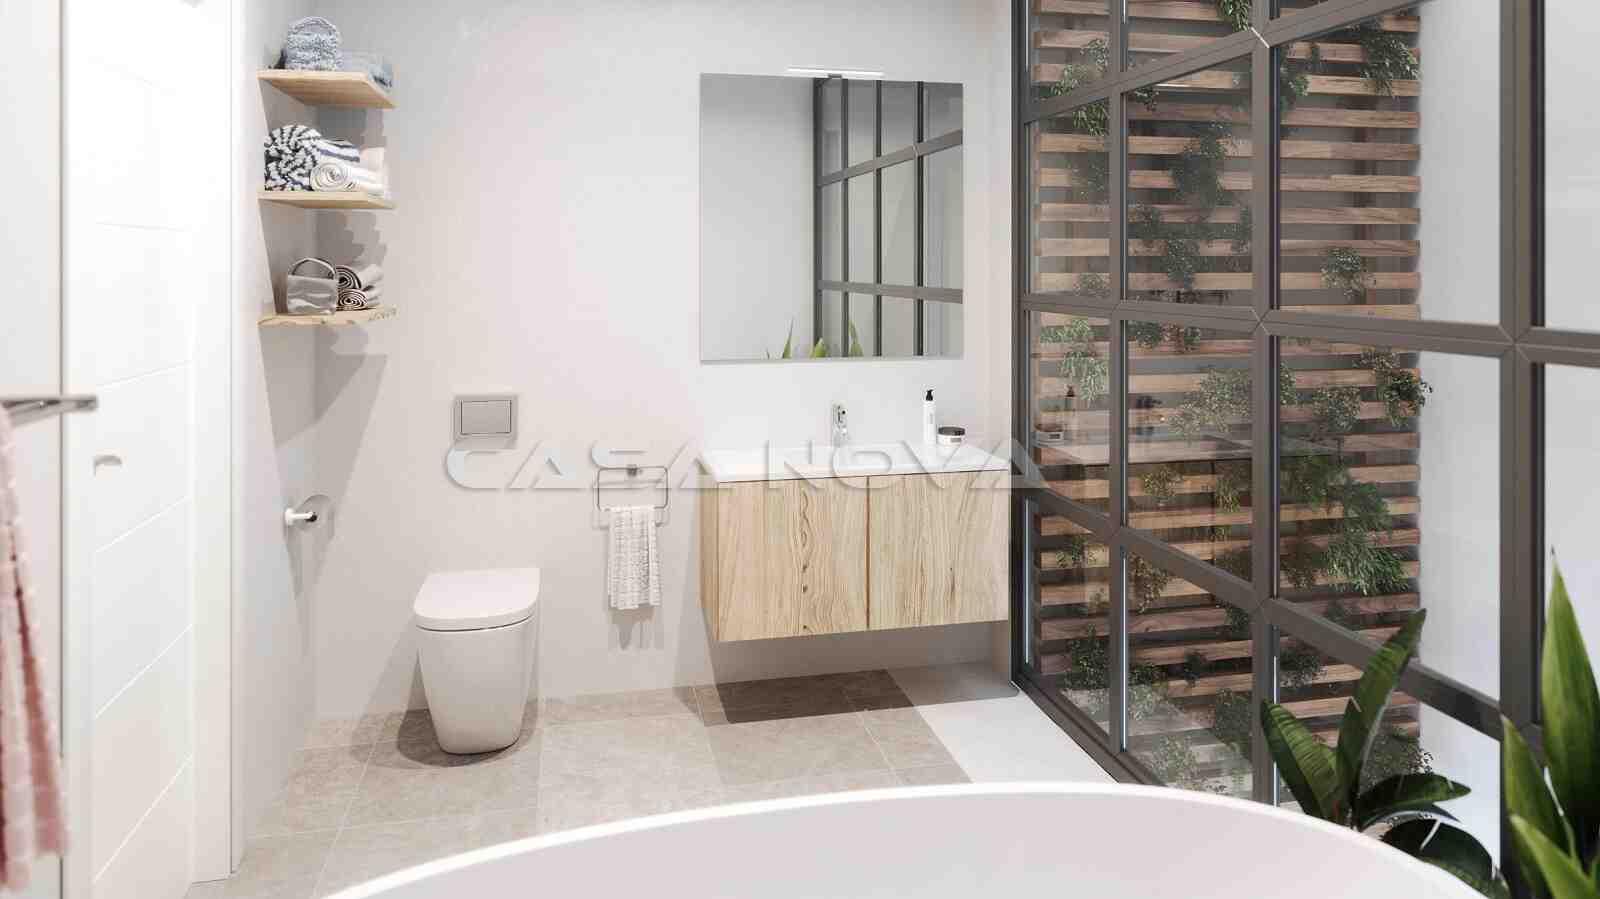 Top modernes Badezimme mit hochwertiger Ausstattung